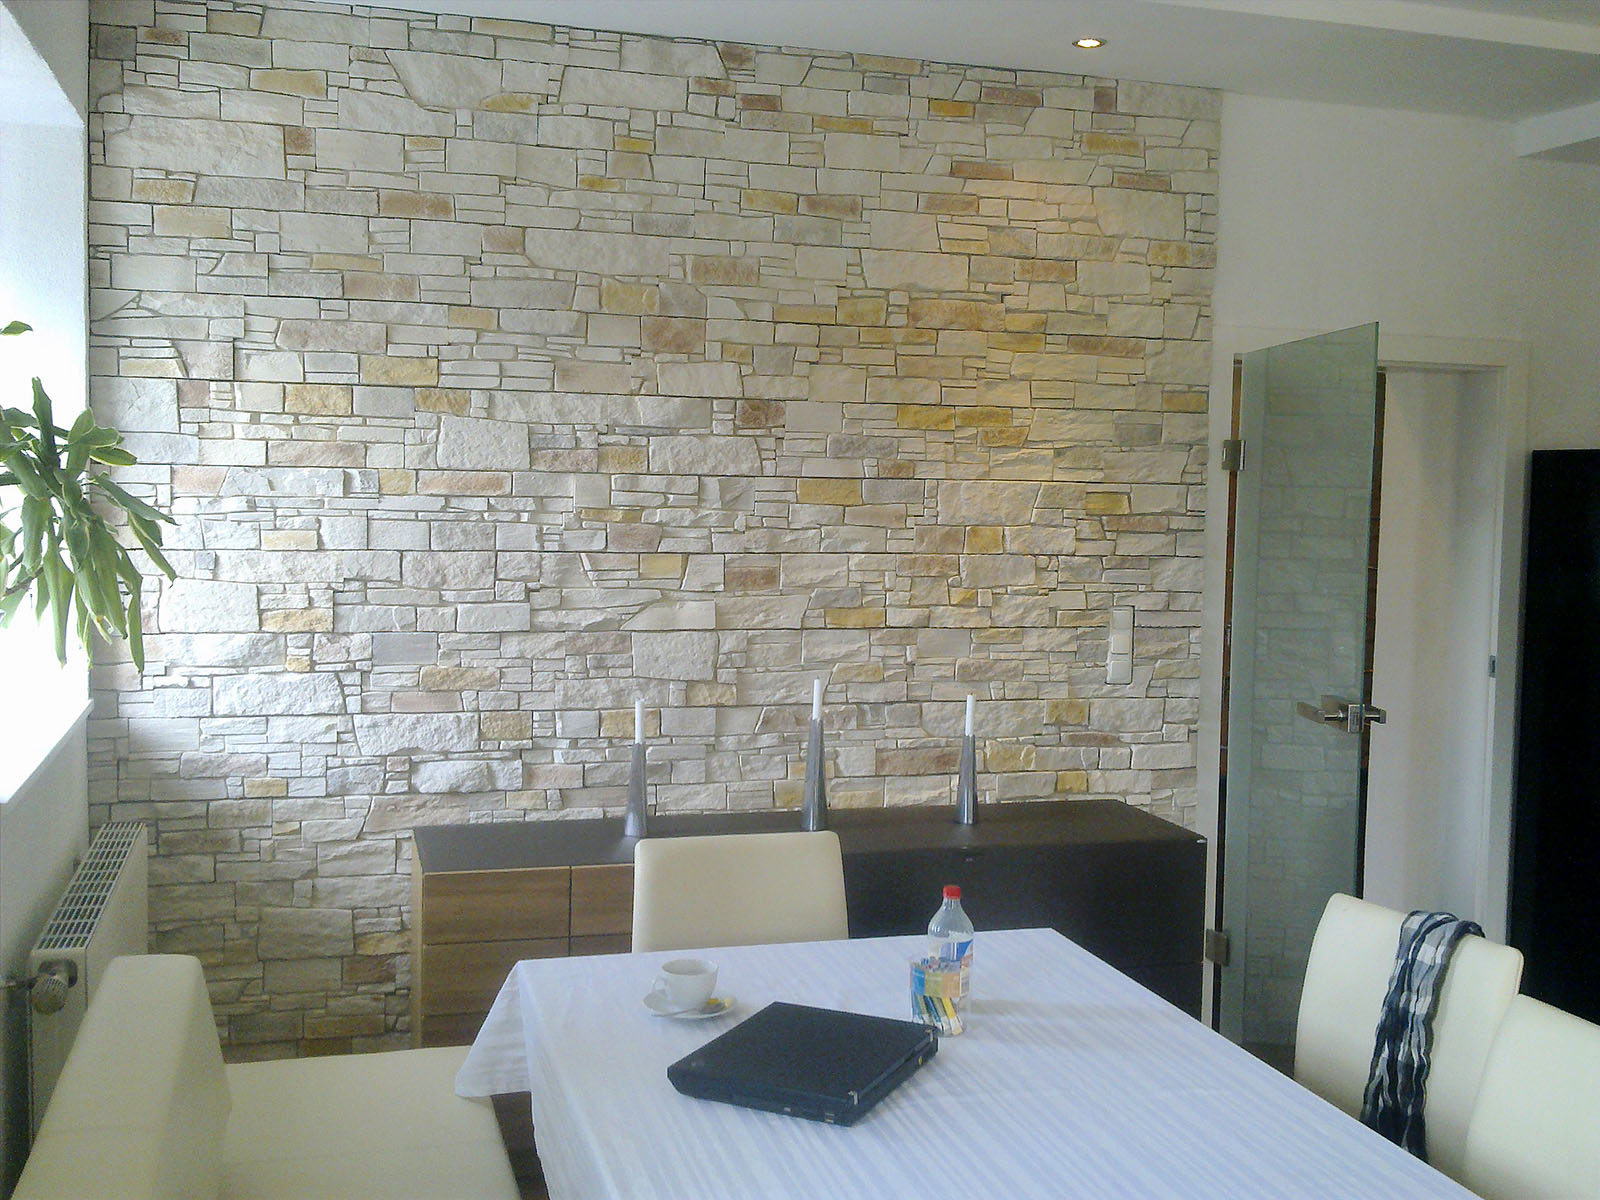 Verblender castello alicante 281 naturstein baumaterial - Verblender wohnzimmer ...